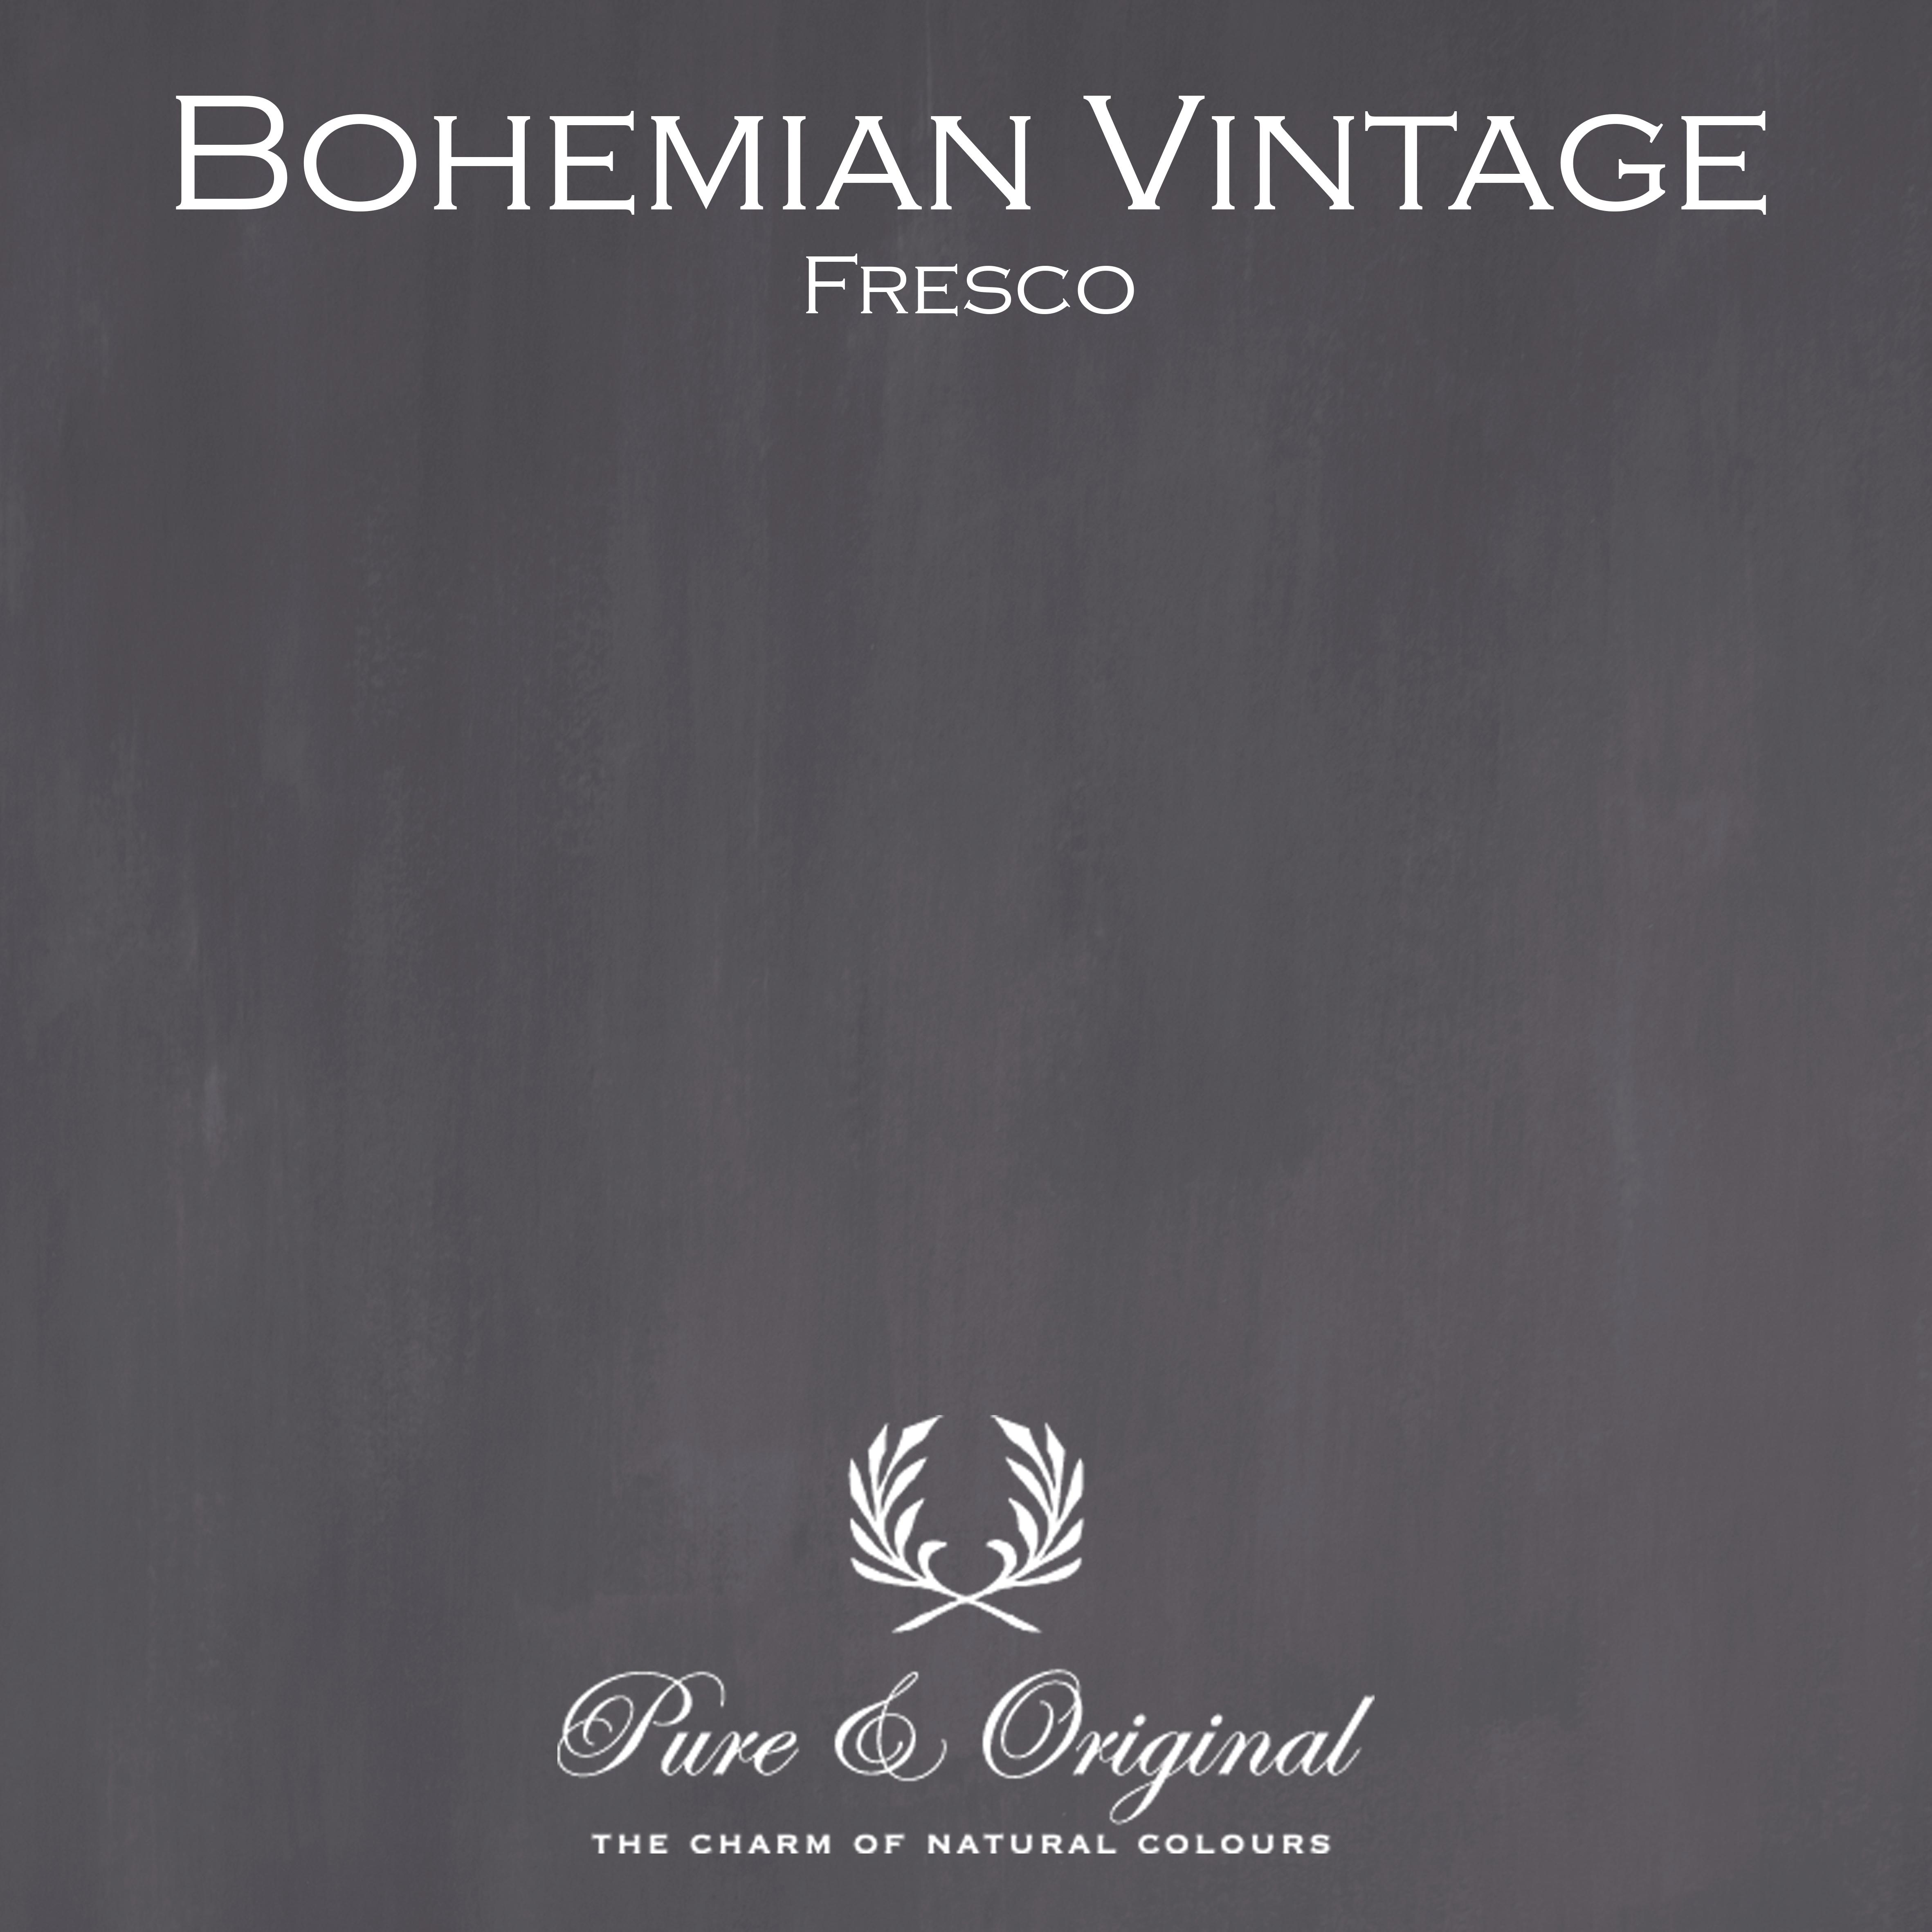 Kulör Bohemian Vintage, Fresco kalkfärg